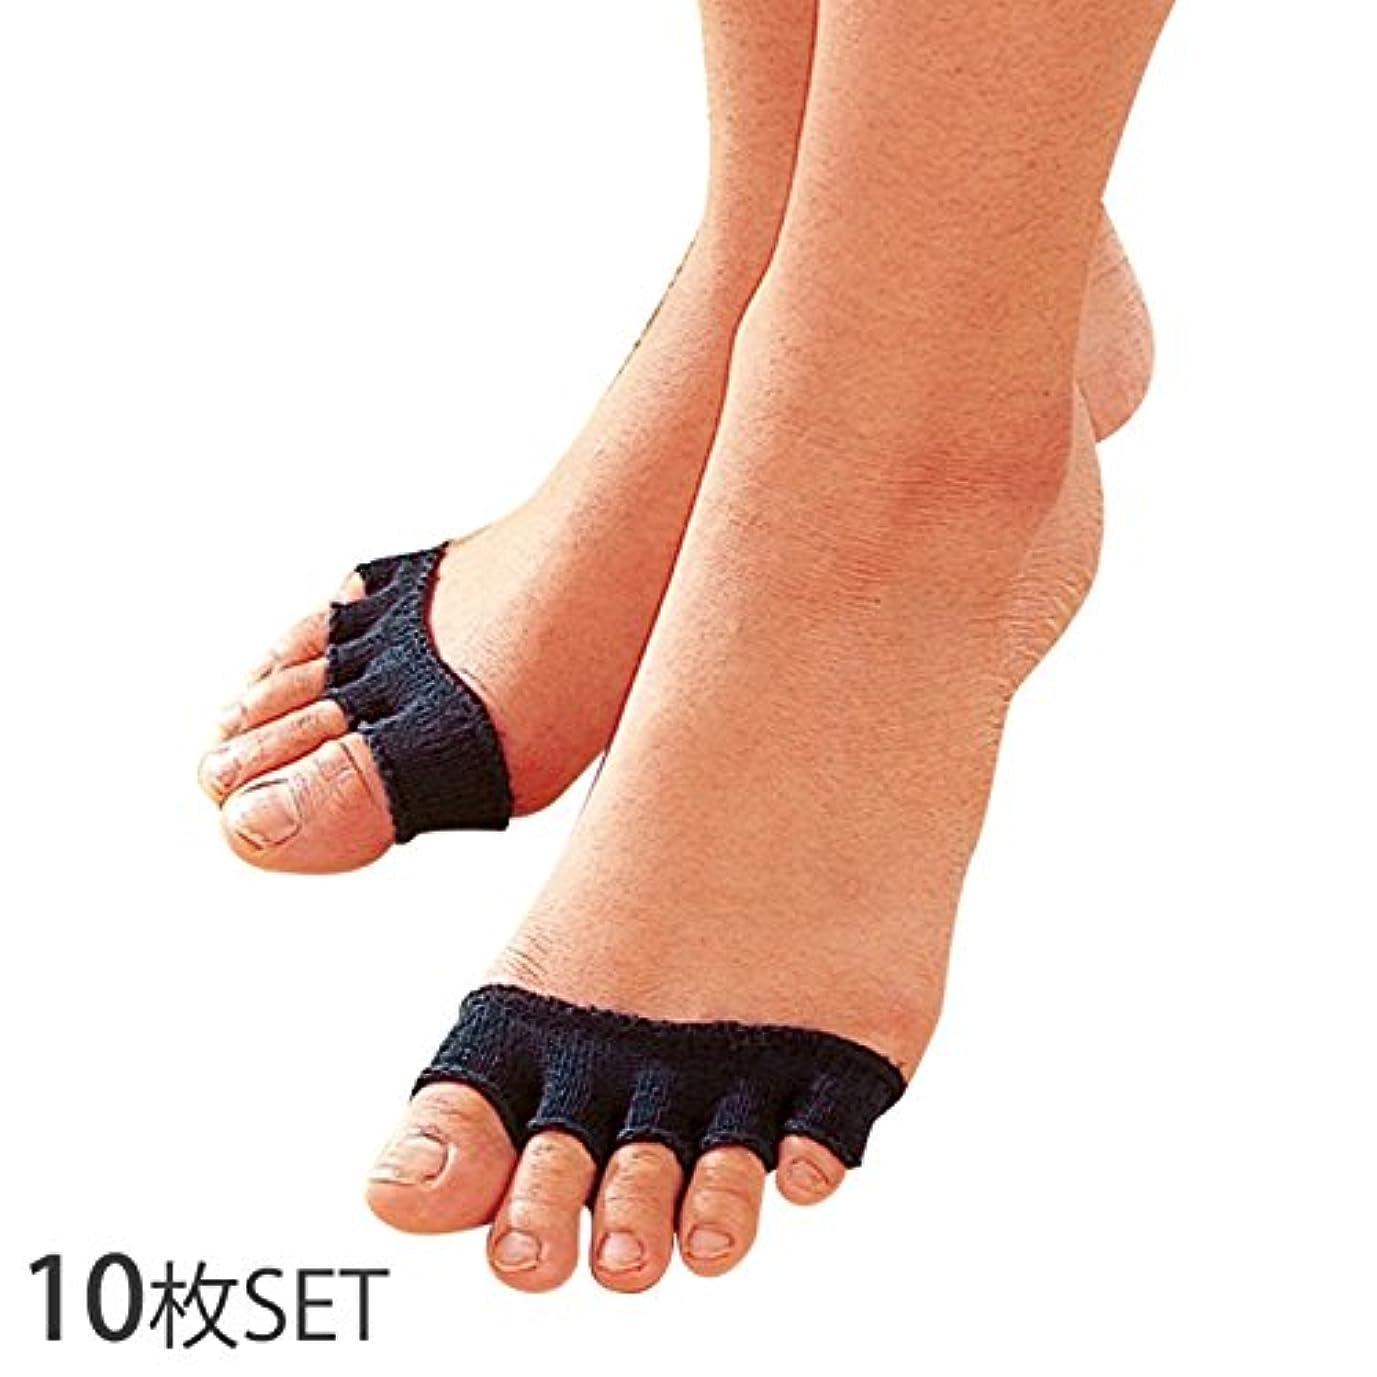 原因詳細にナプキン足指カバー 5本指 男女兼用 指先なし 5本指靴下 抗菌防臭加工 消臭 ひのき指の間カバー 10枚セット 紺